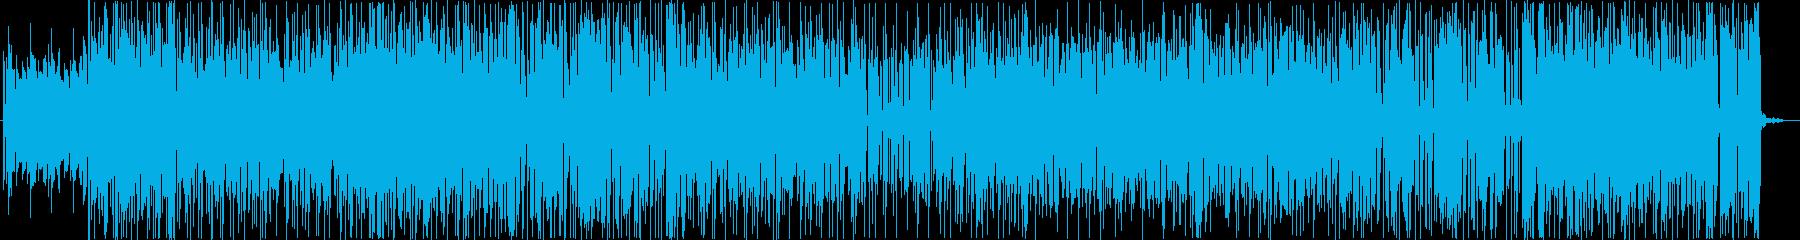 軽快なファンクサウンドの再生済みの波形